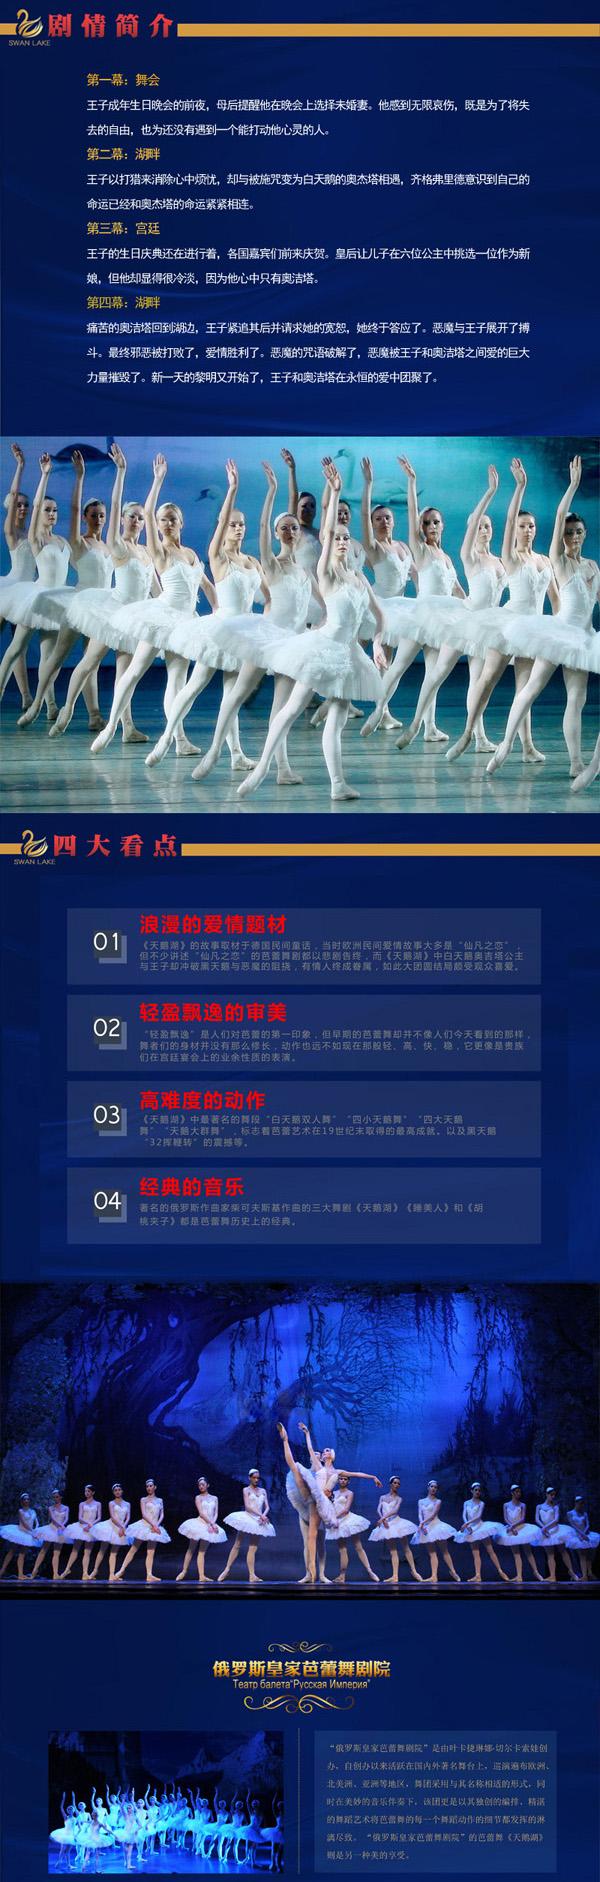 俄罗斯皇家芭蕾舞剧院天鹅湖